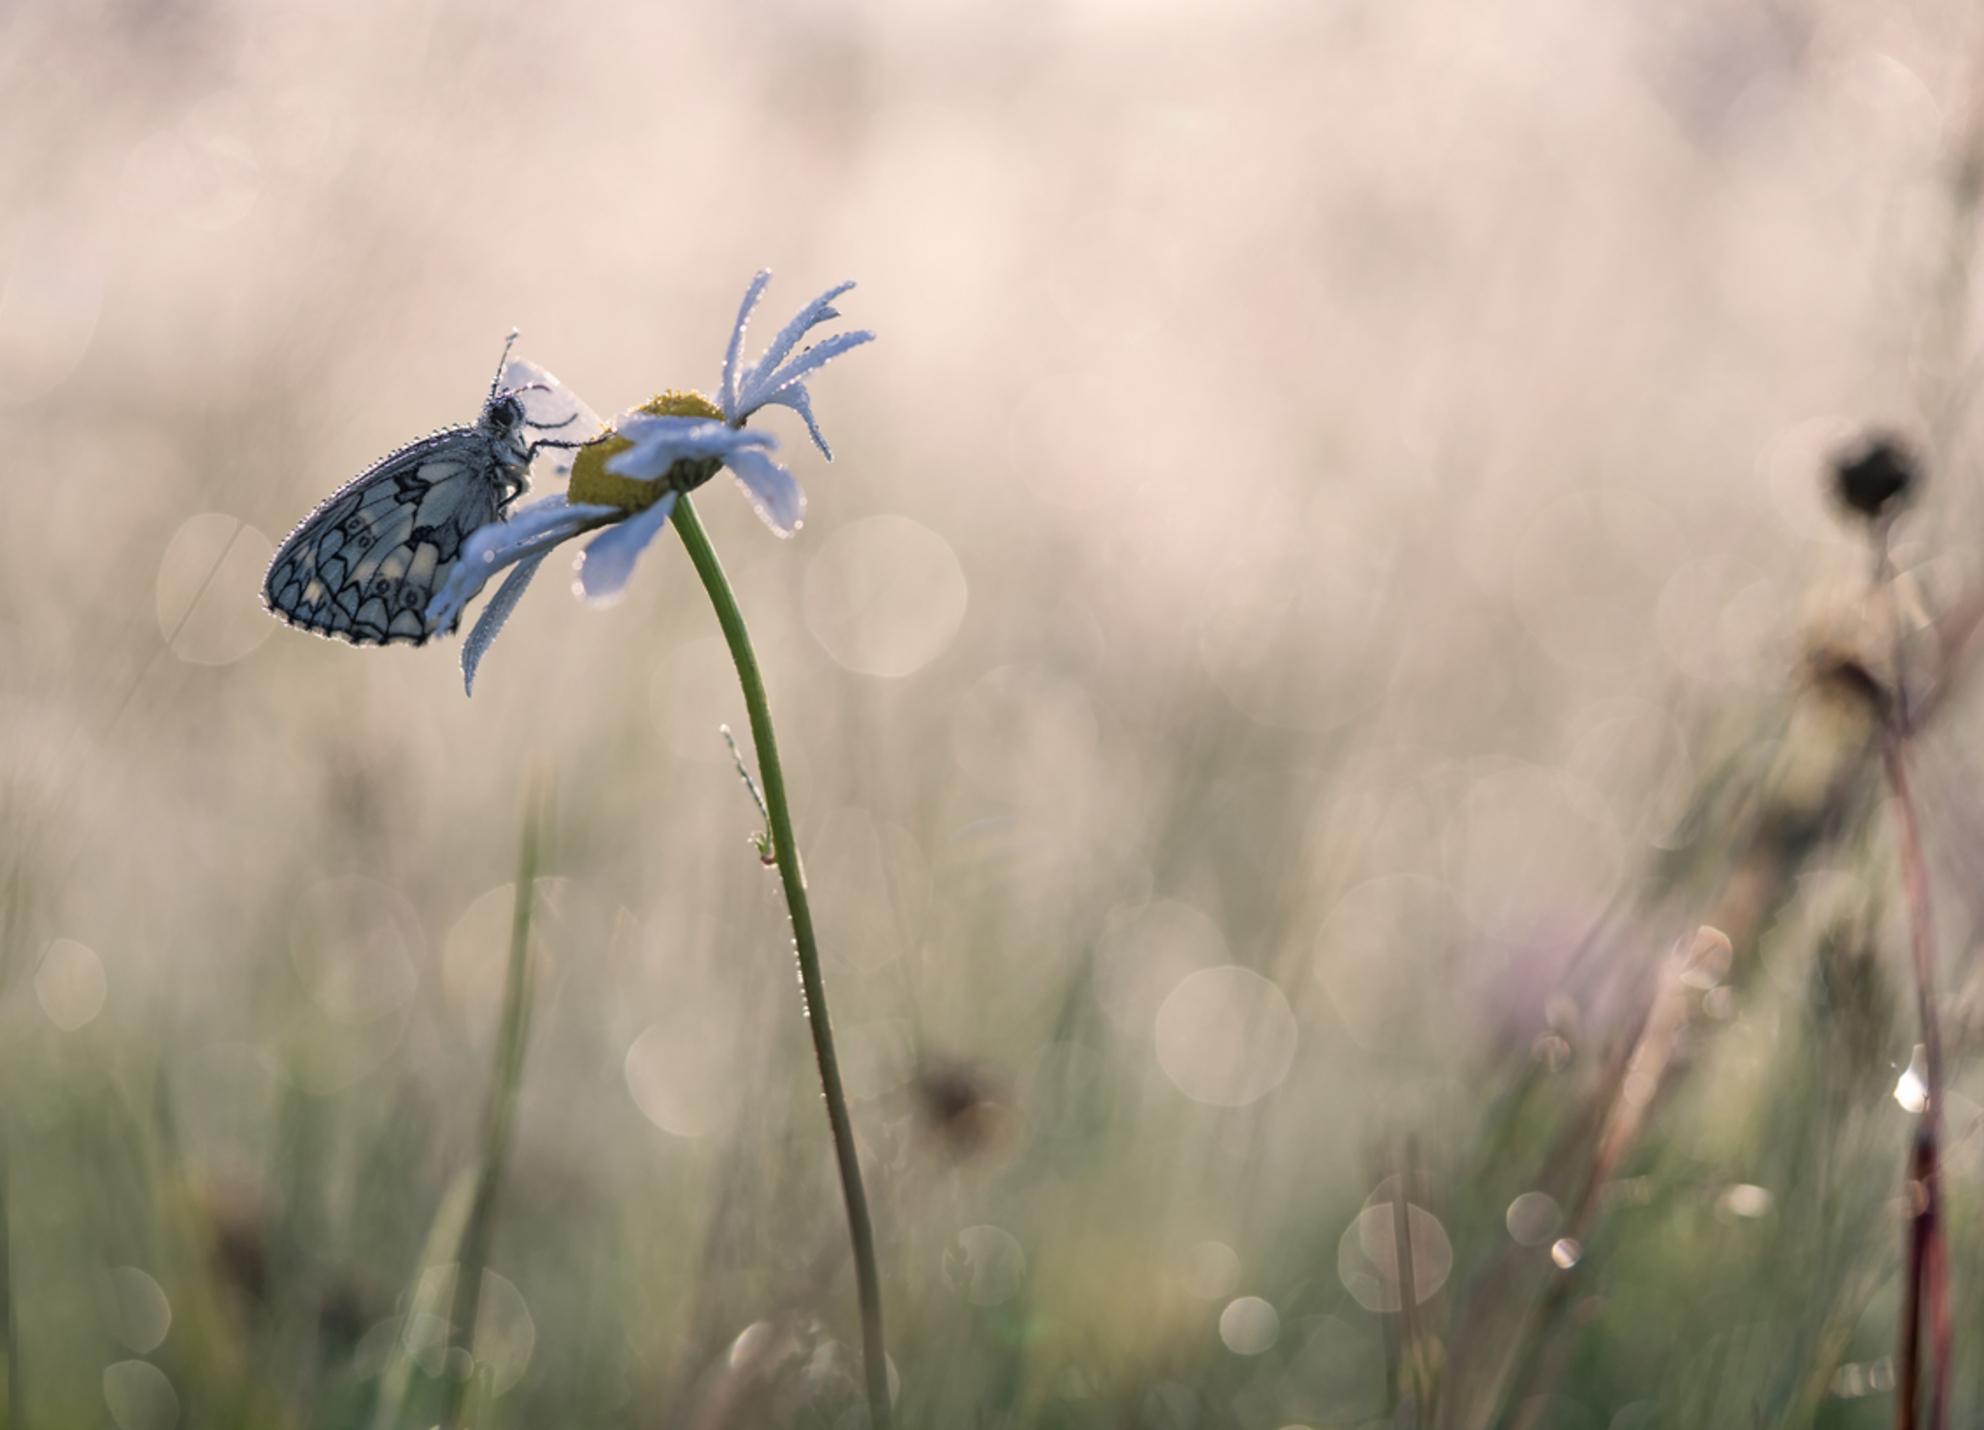 Game on - Ik verlang weer naar het spel van licht, kleur en geuren. Ach...komt vanzelf. Dank voor jullie reactie's op 'Timeless'. Groet Arjo. - foto door arjovandijk op 30-01-2020 - deze foto bevat: macro, natuur, vlinder, druppel, dauw, dof, dambordje, bokeh, arjovandijk